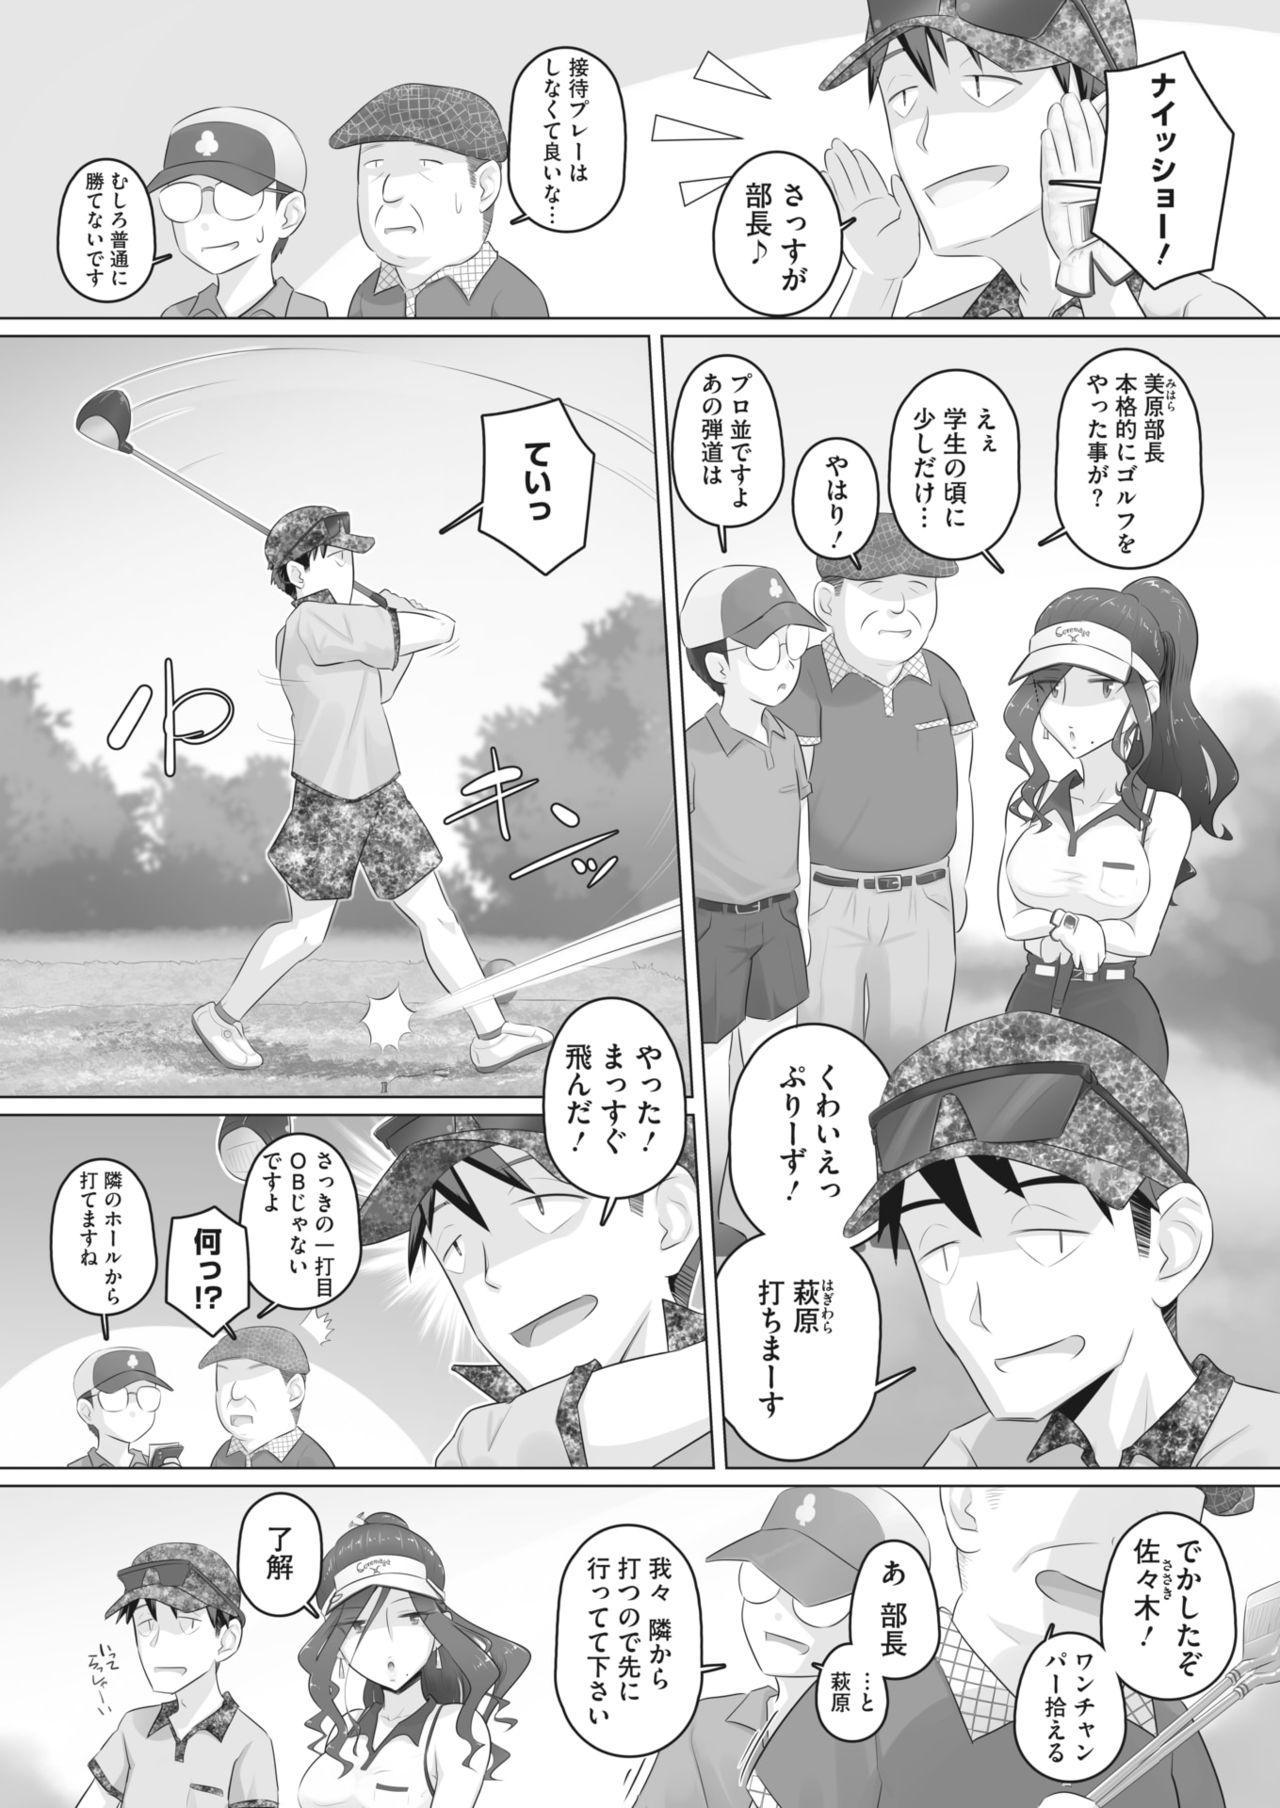 [Urayoroduya (Yoroduya Hyakuhachi)] Ki no Tsuyoi Onna Joushi (31-sai Hitozuma) Matome 97